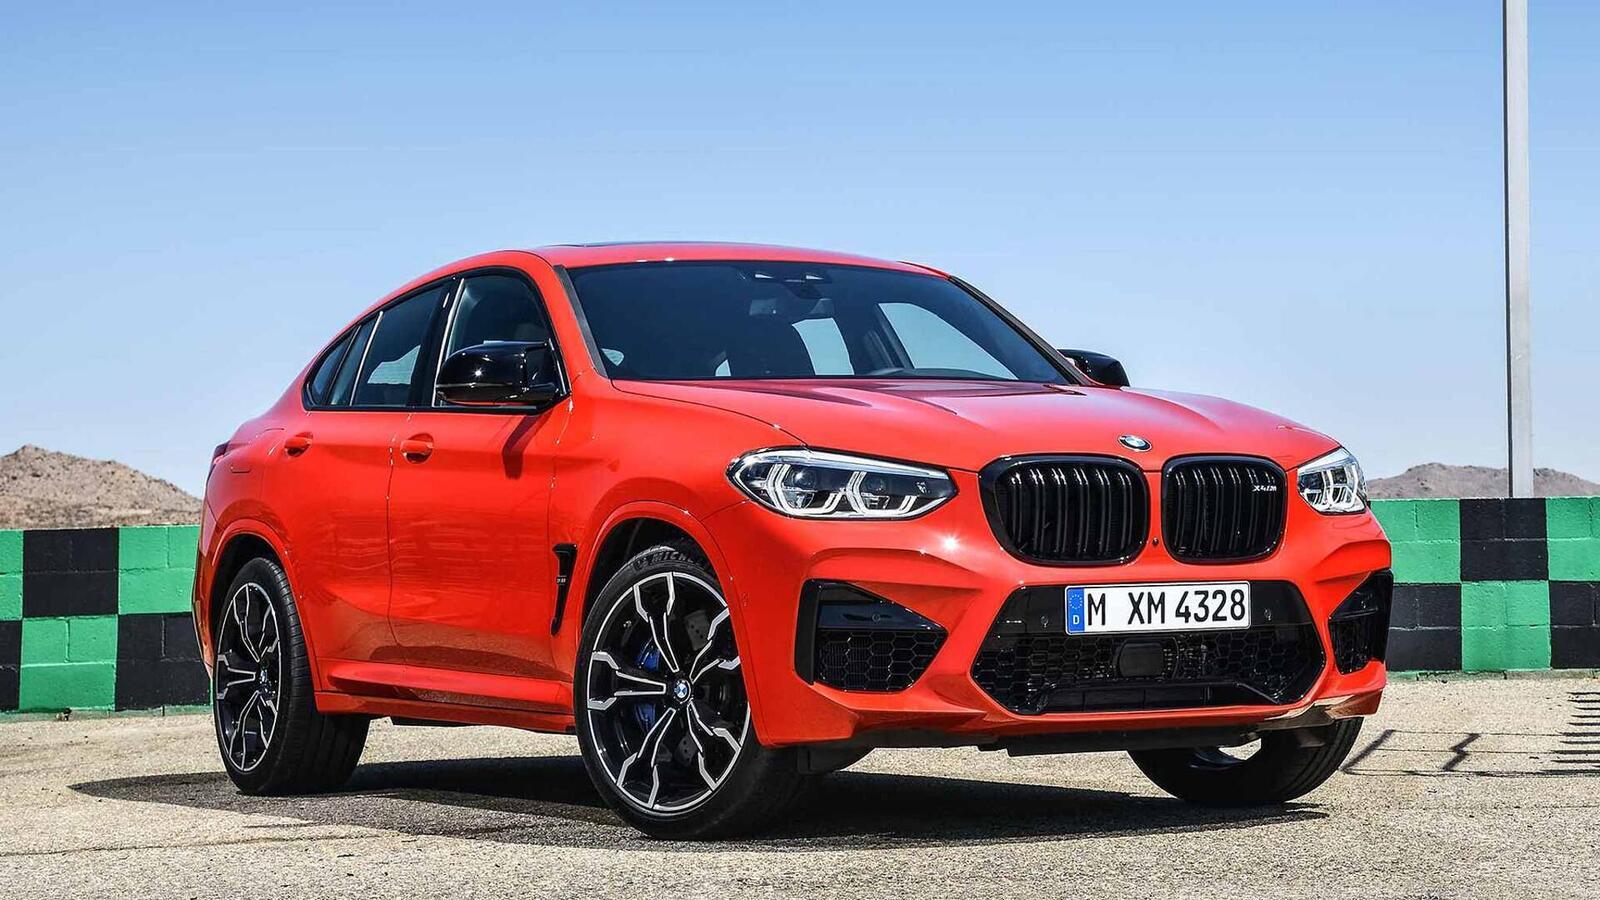 BMW X3 M và X4 M 2020 chính thức ra mắt: Mang trong mình sức mạnh từ 473 - 503 mã lực - Hình 9